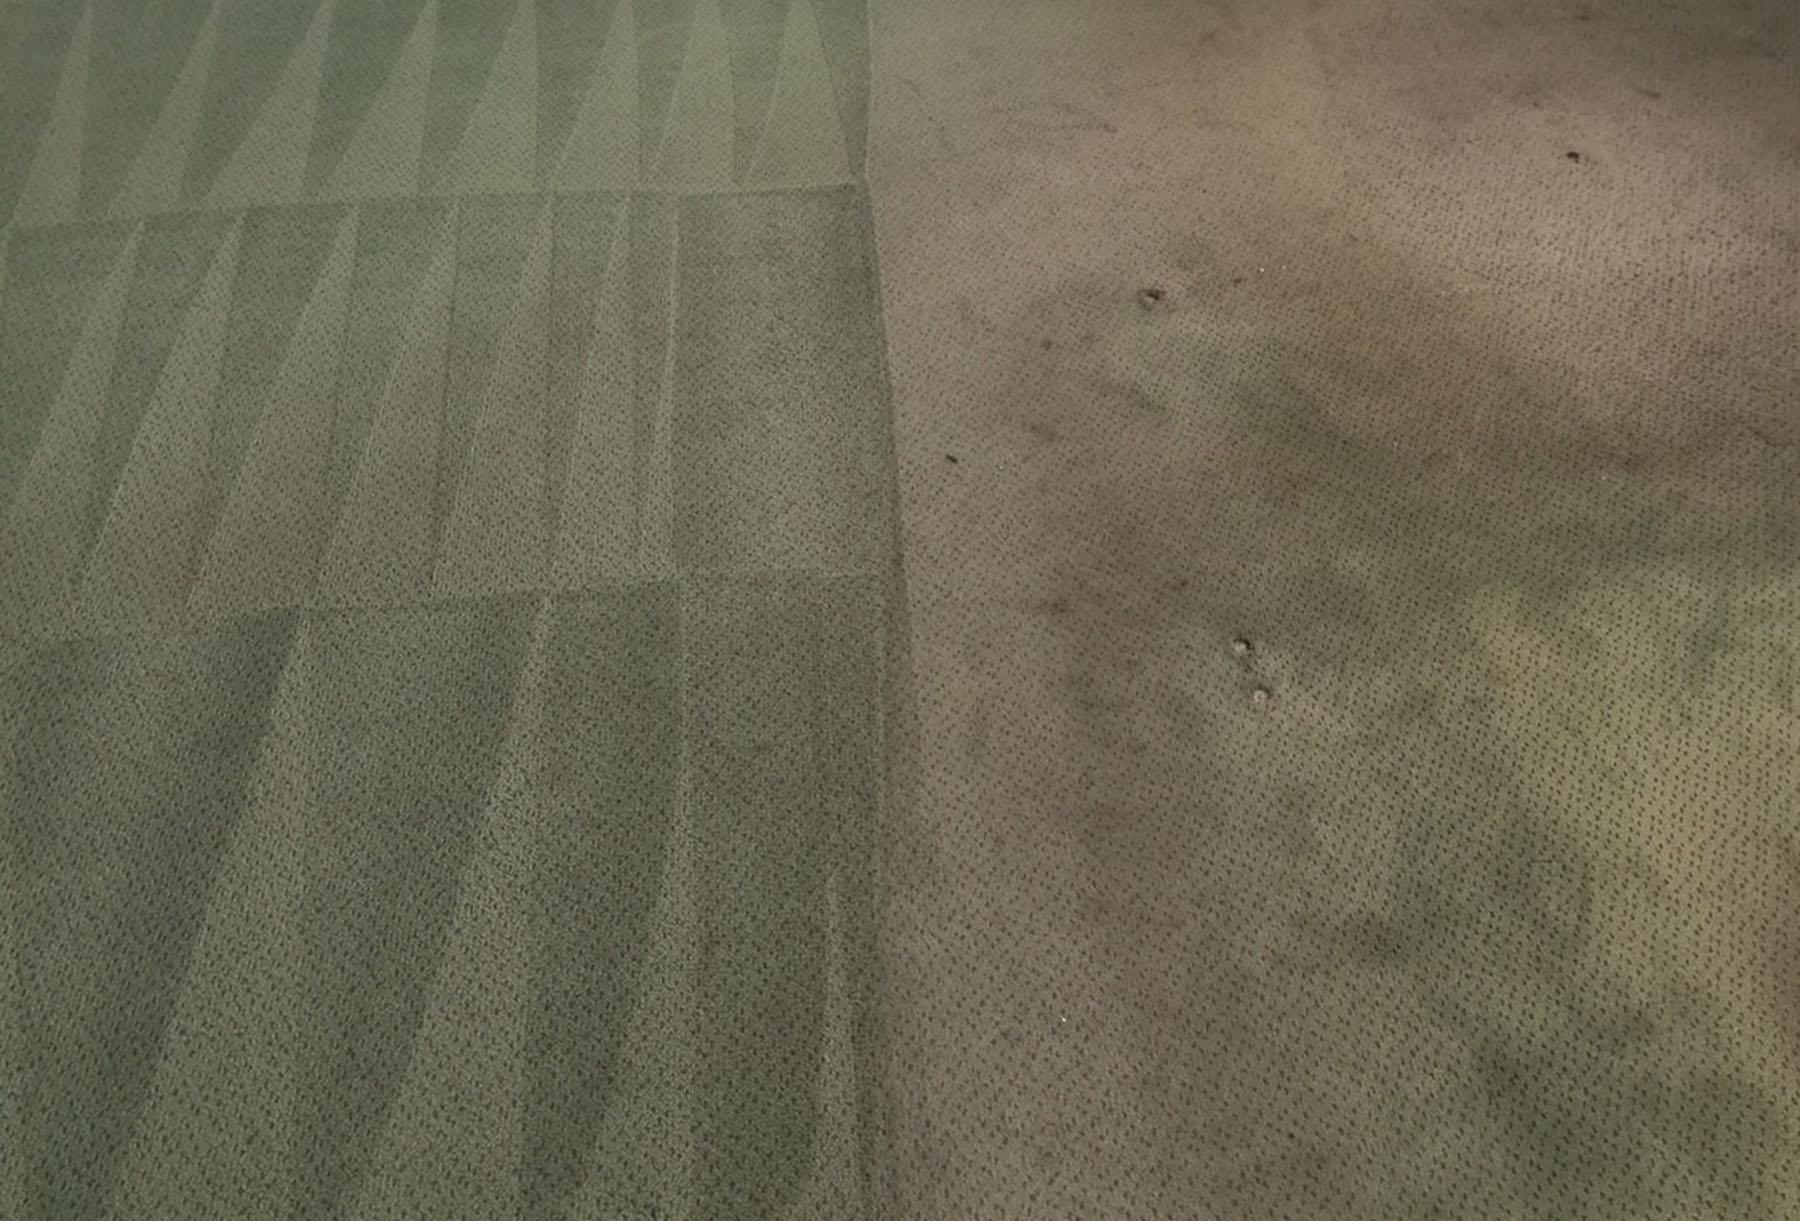 Beispiel für synthetische Teppichreinigung